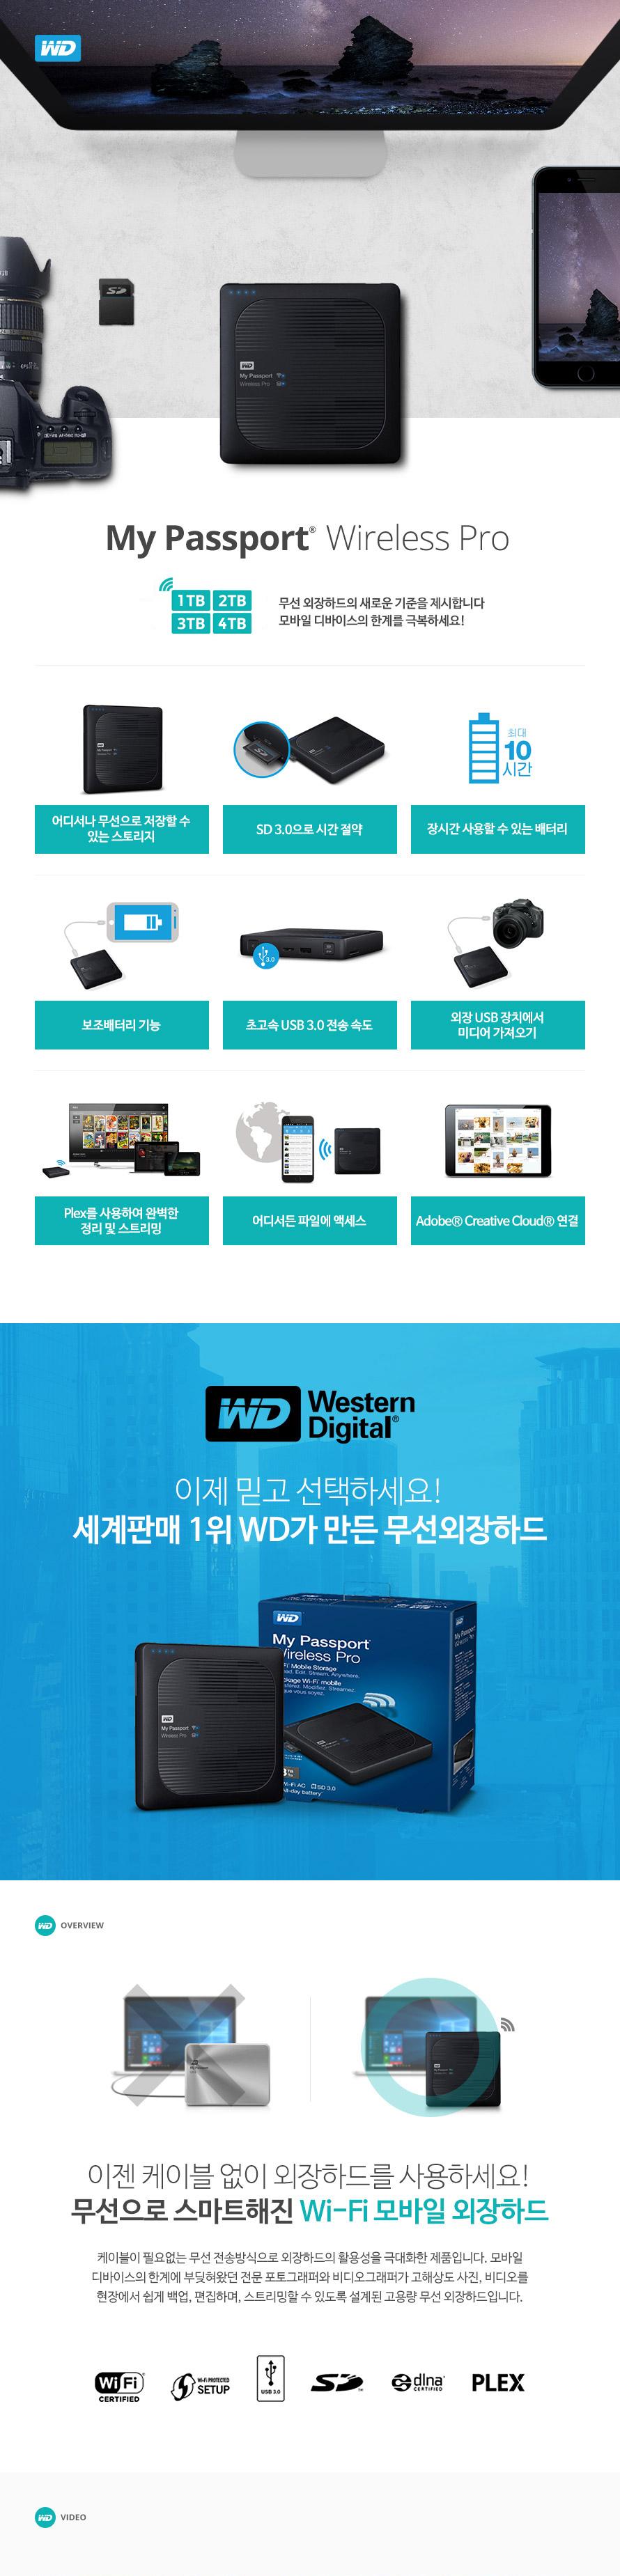 Wireless_PRO_01.jpg